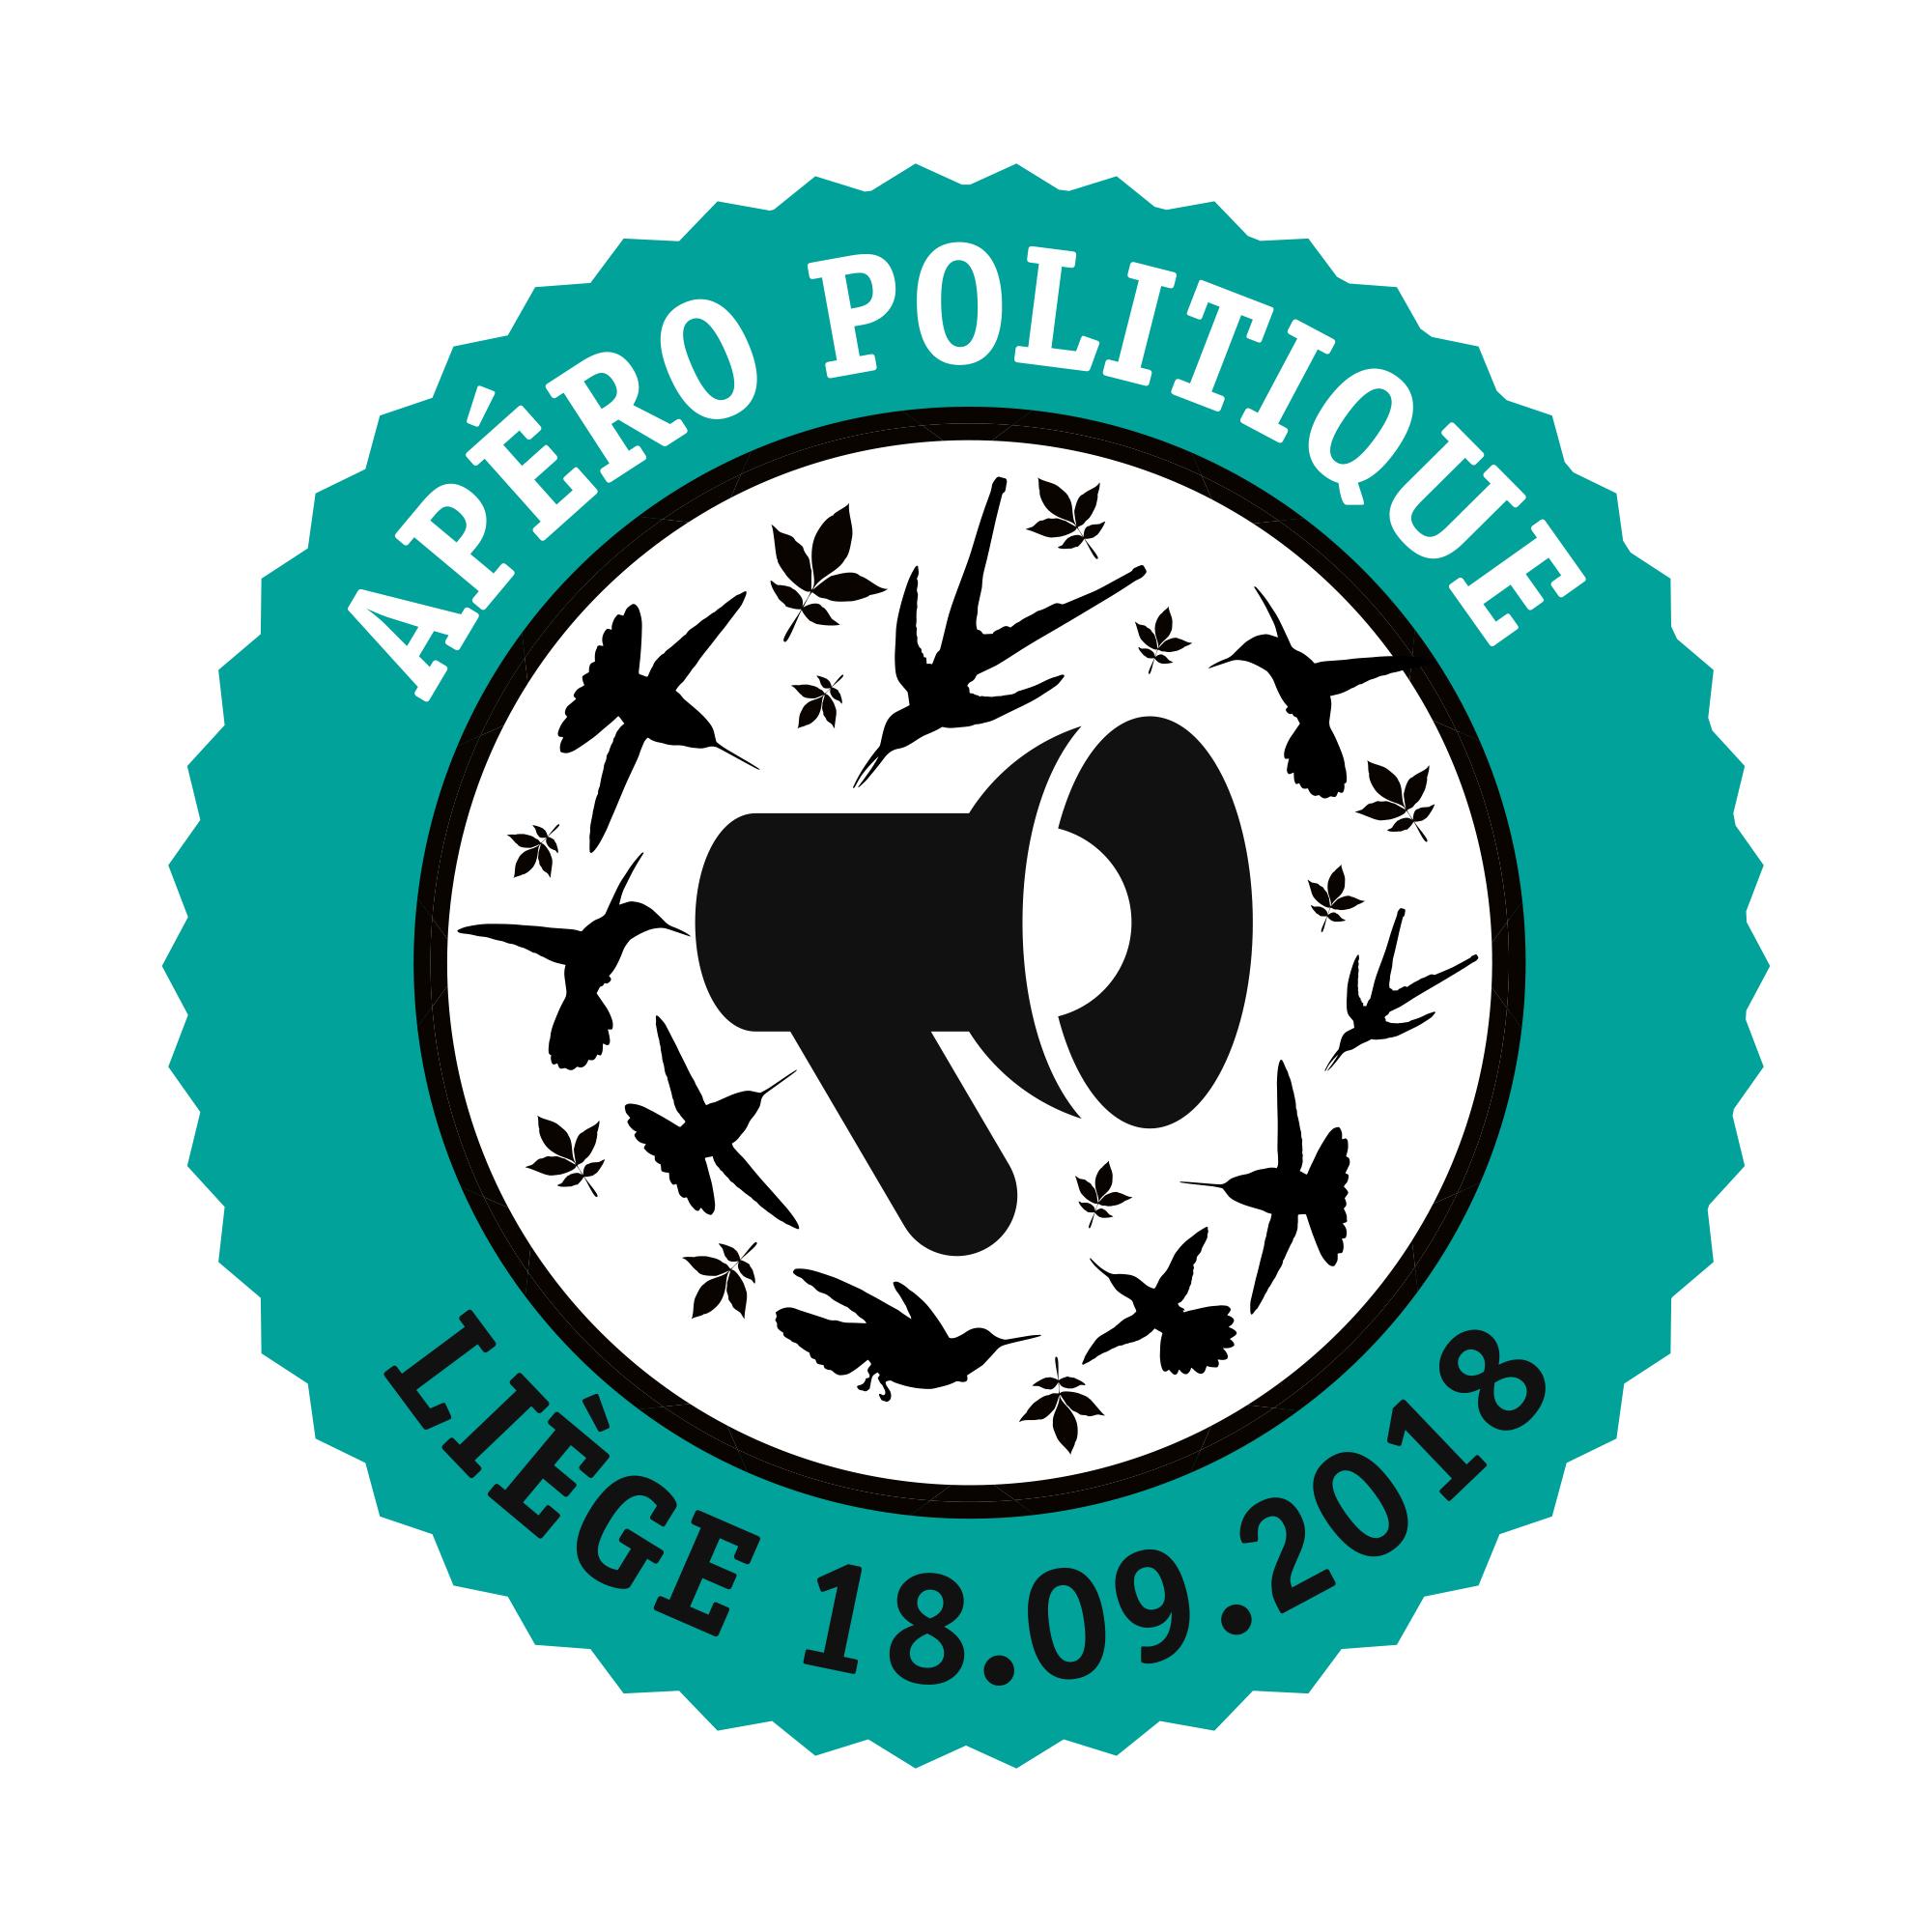 Apéro Politique